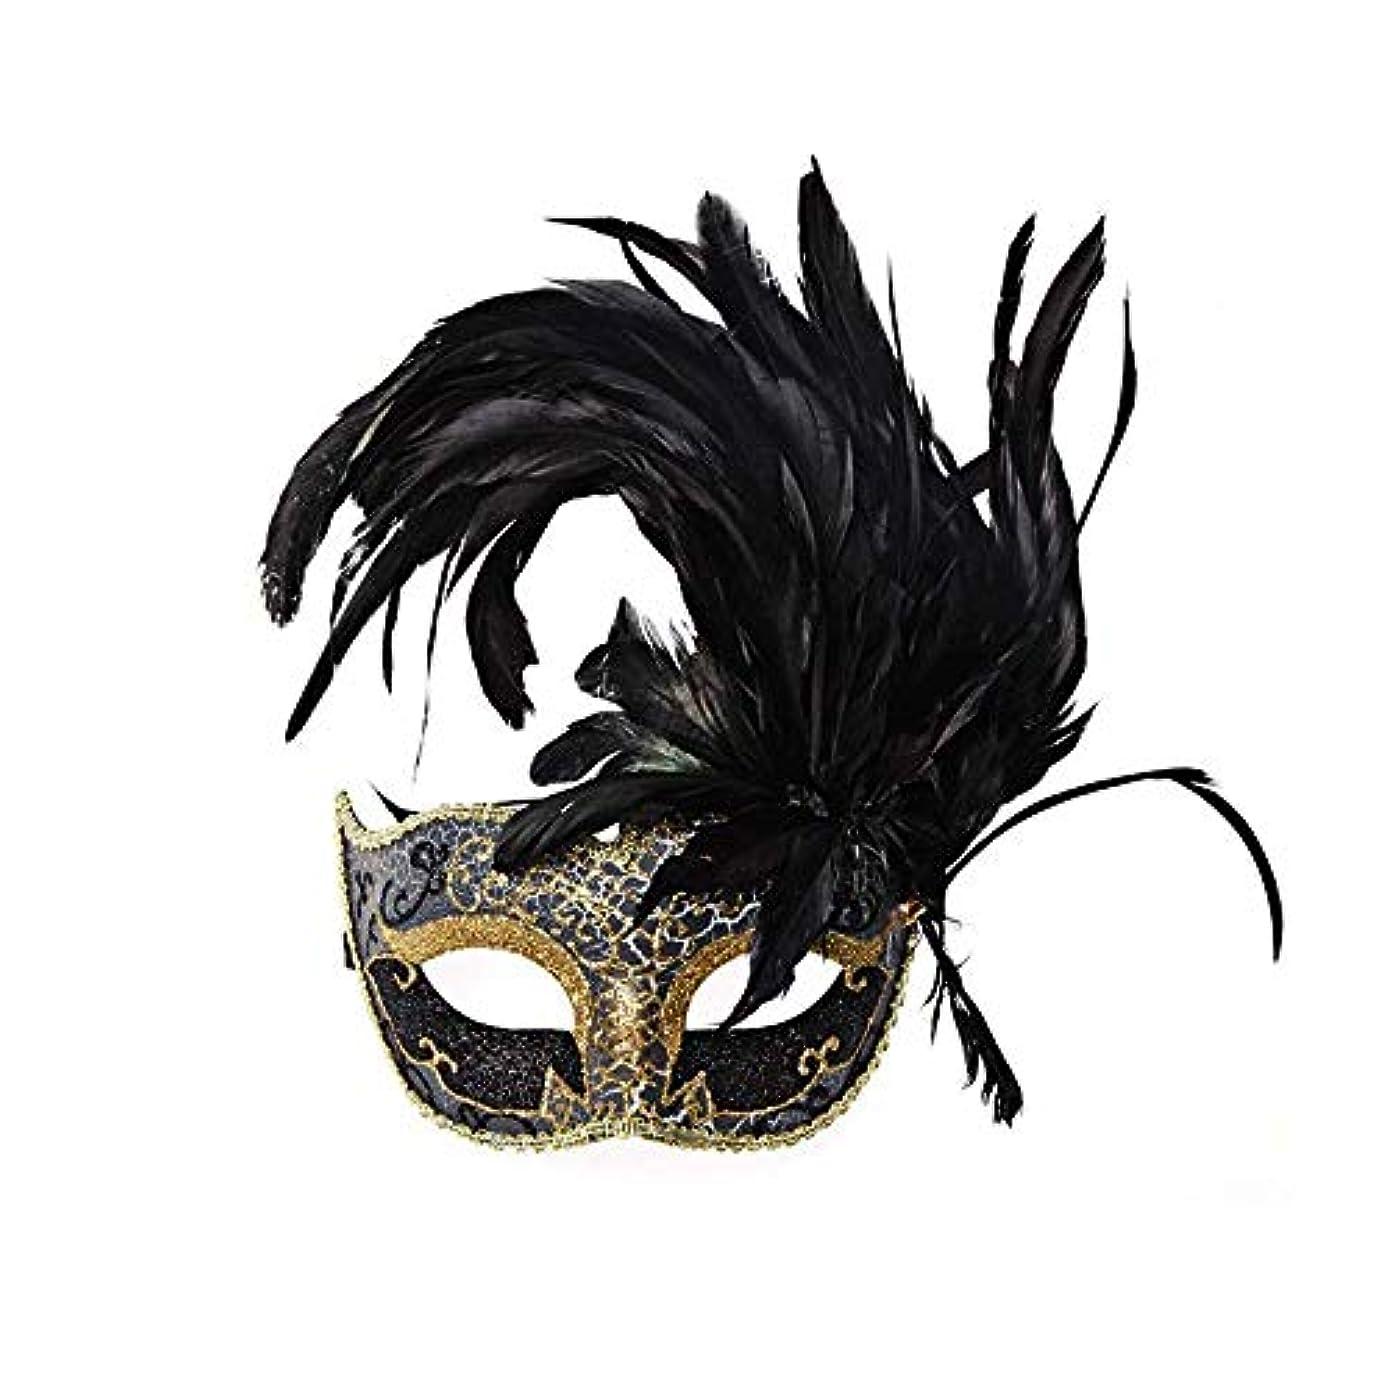 白内障収縮回るNanle ハロウィンマスクハーフフェザーマスクベニスプリンセスマスク美容レース仮面ライダーコスプレ (色 : Style A black)